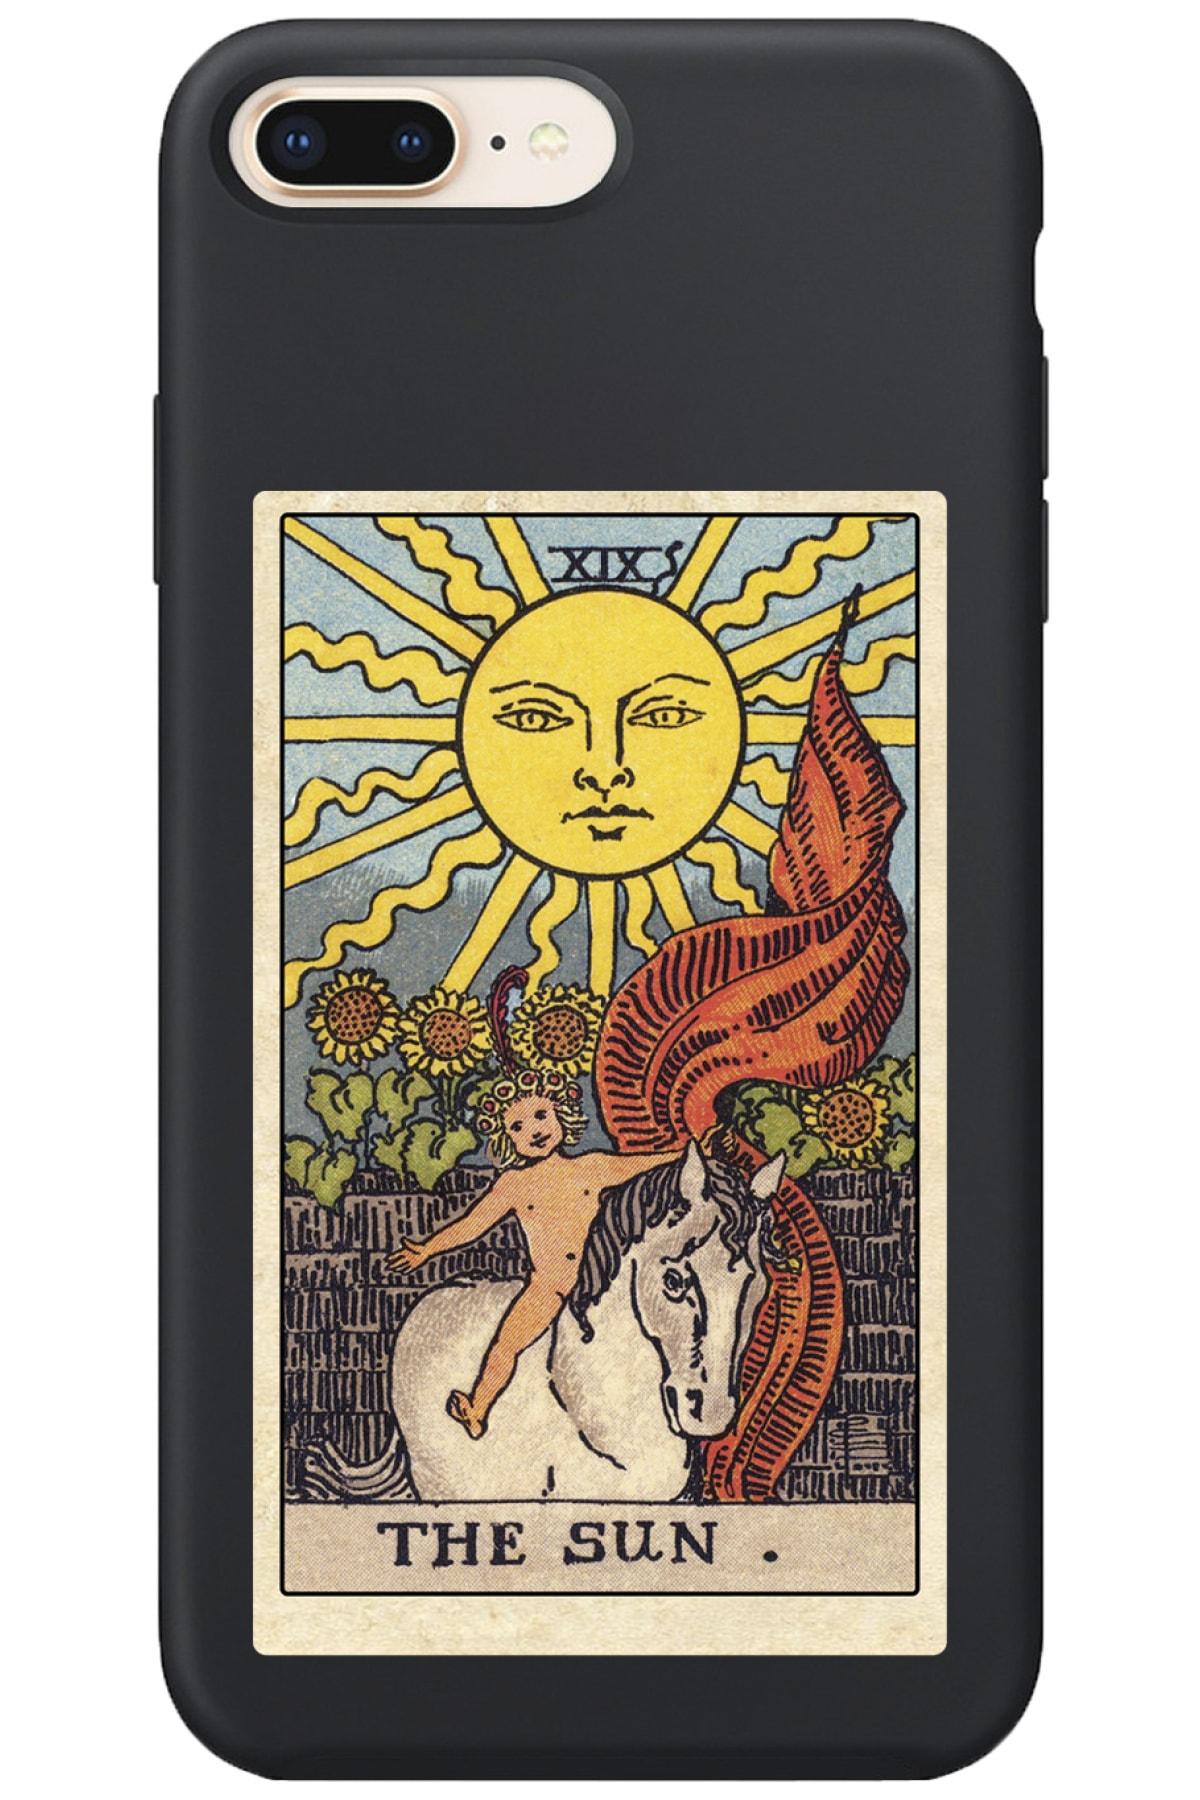 shoptocase Iphone 7 Plus Lansman The Sun Desenli Telefon Kılıfı 1